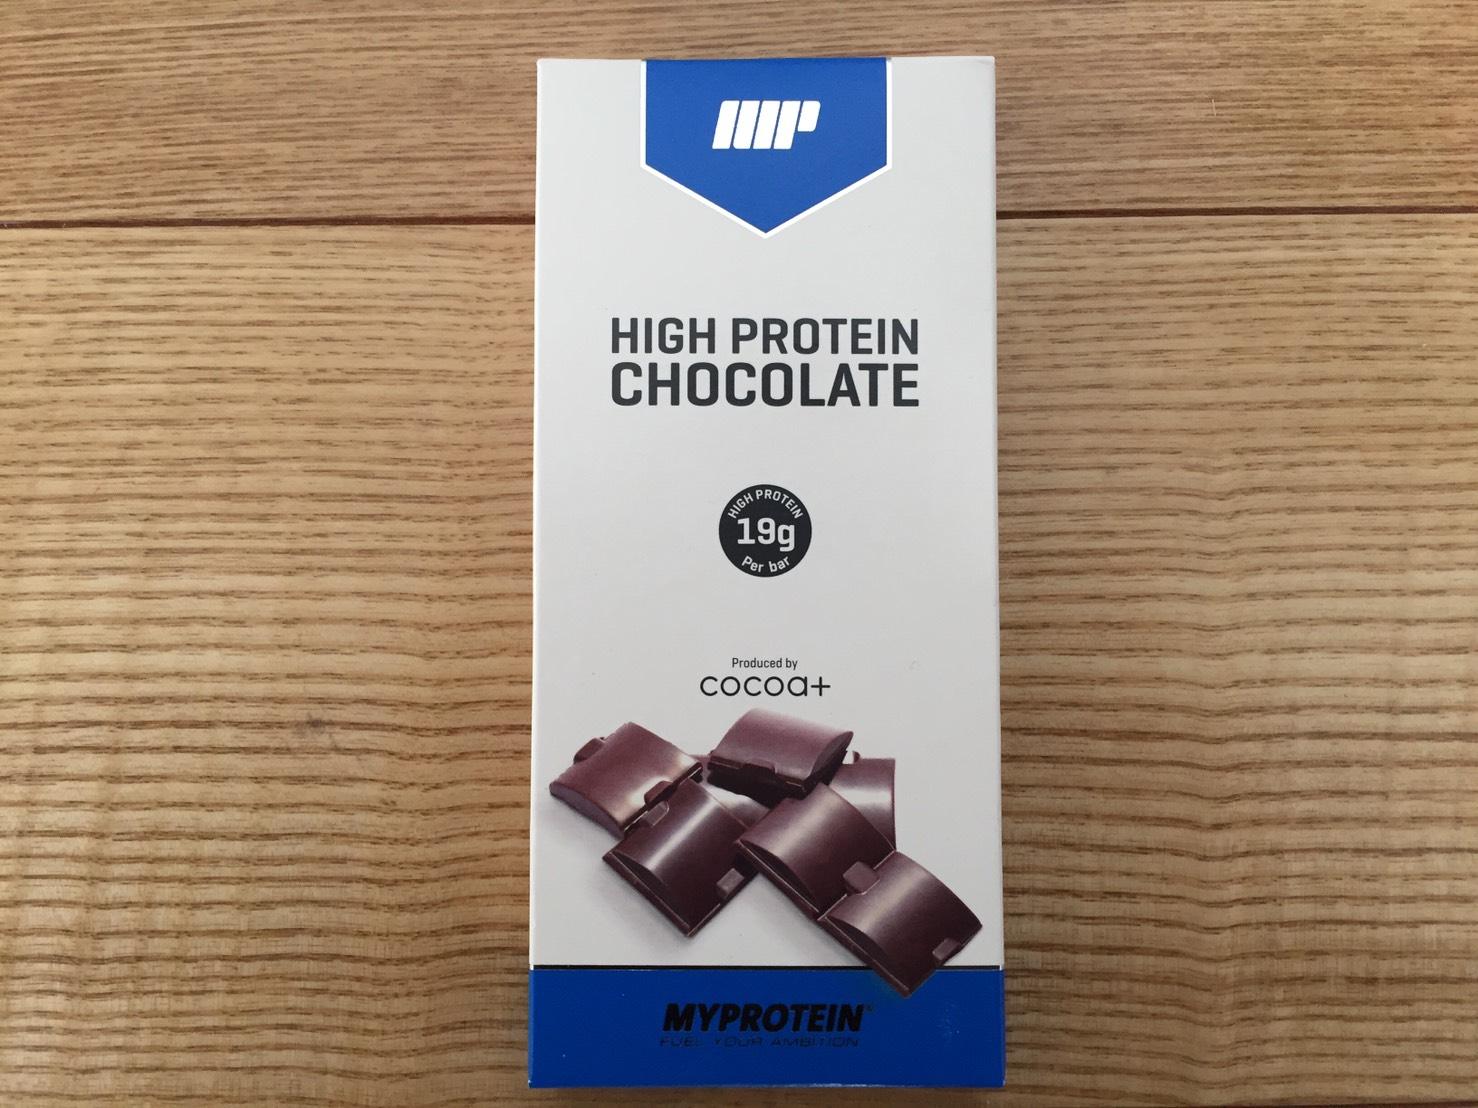 ハイプロテインチョコレートの成分表